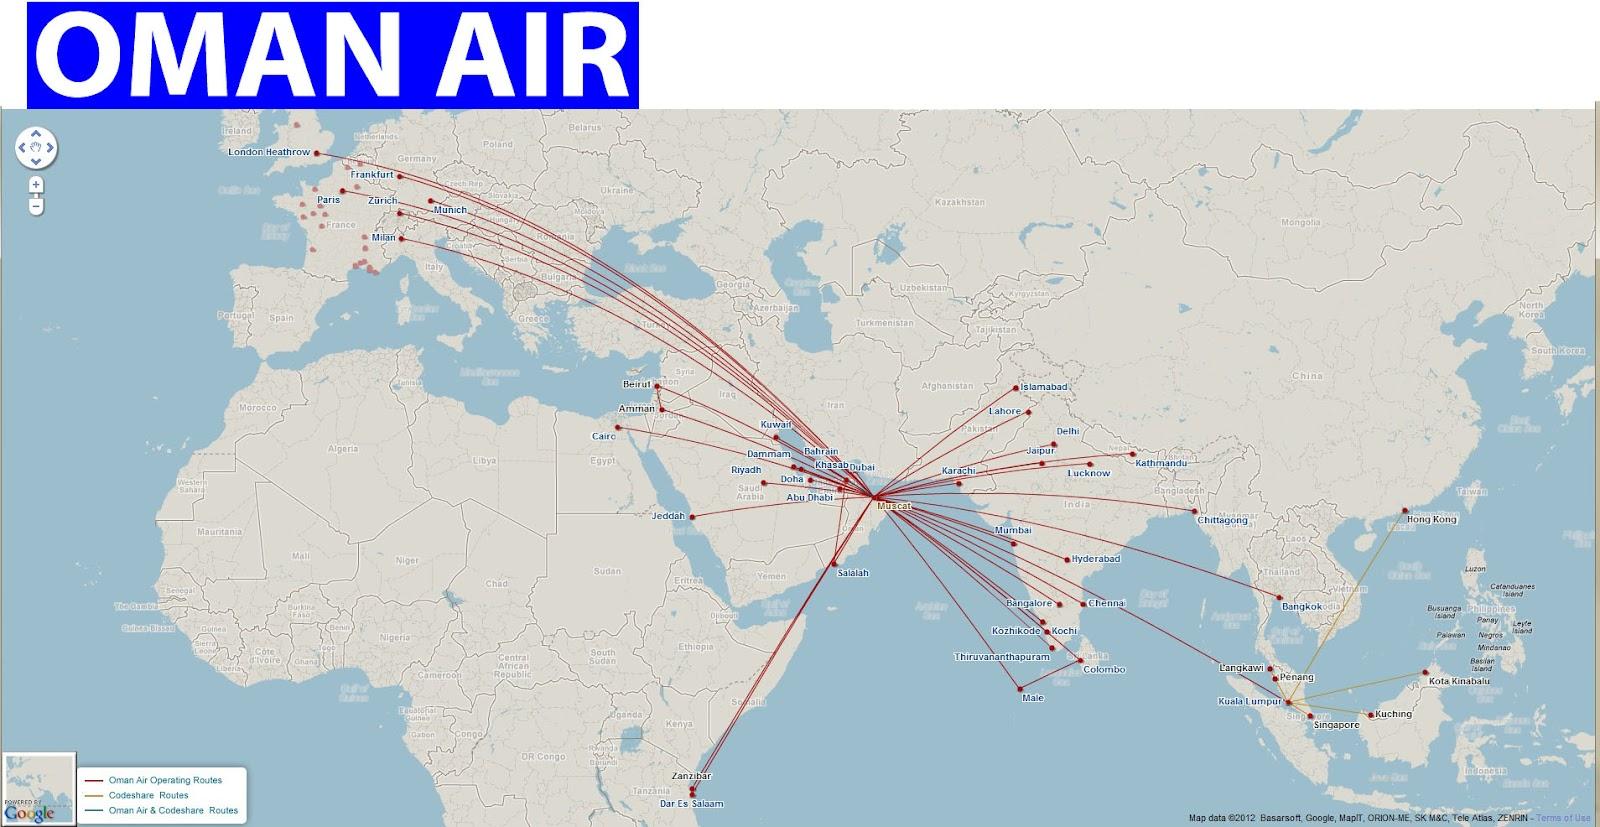 china air routes map oman2bair2broutes2bmap